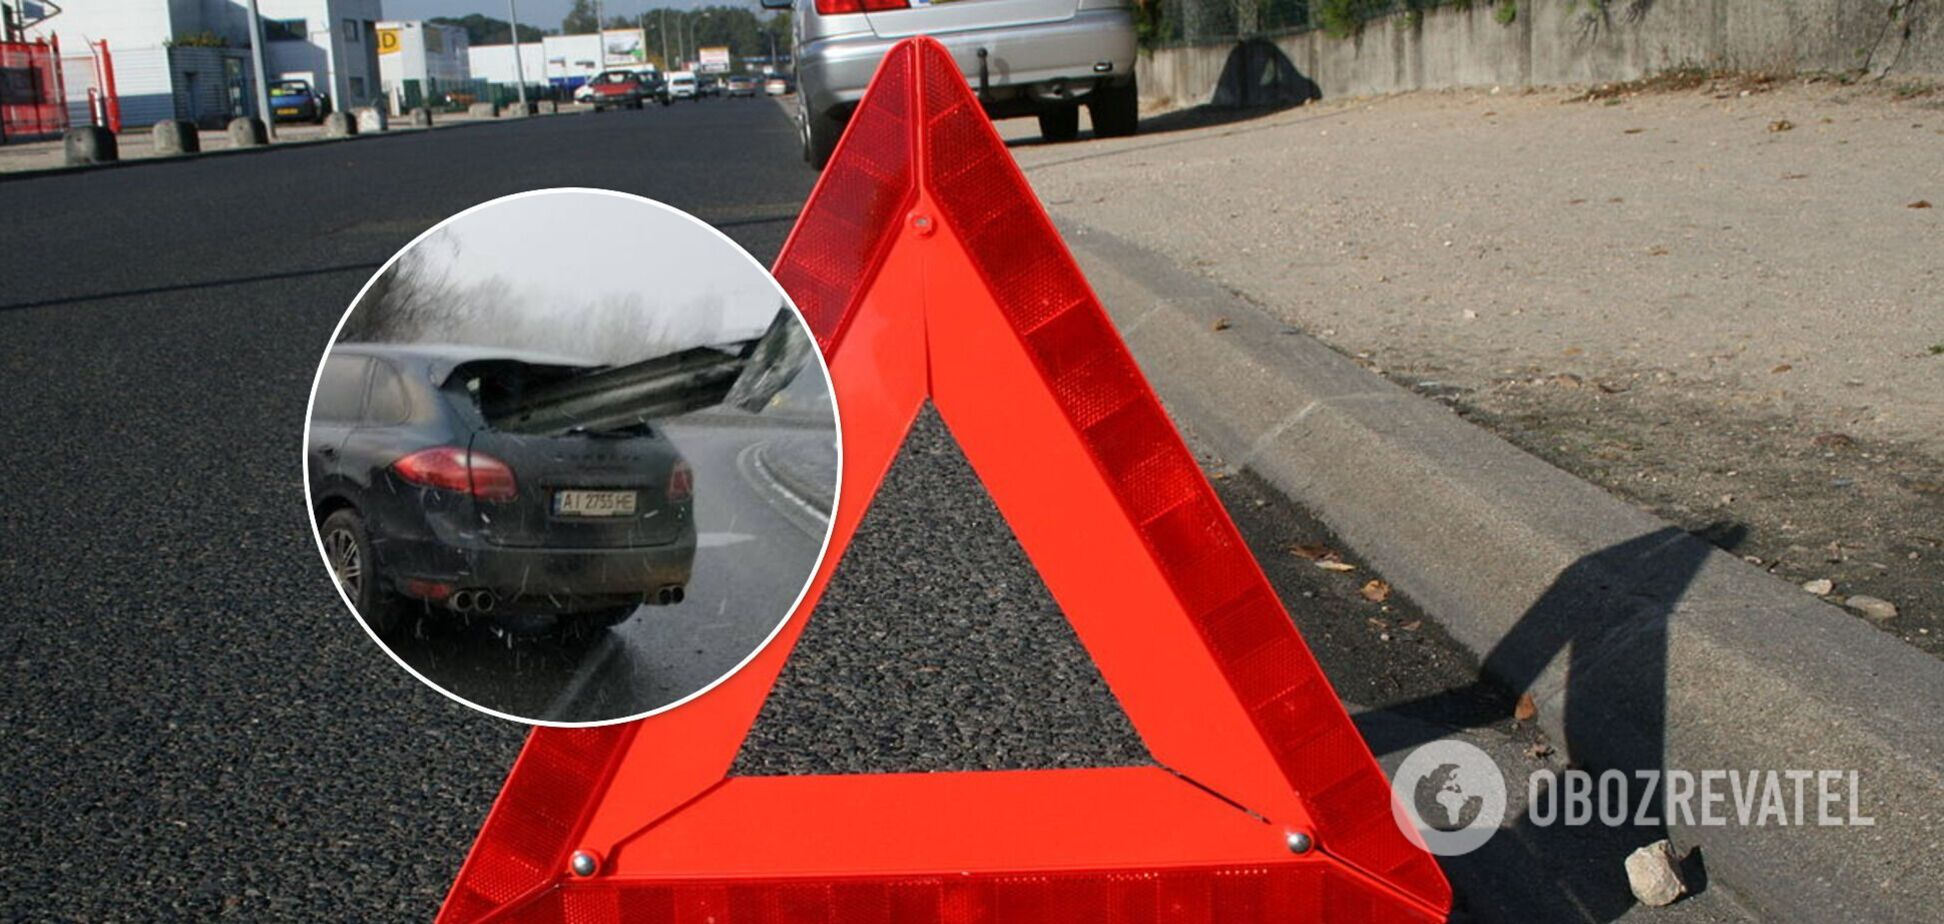 У Києві відбійник наскрізь прошив Porsche Cayenne: водій дивом вижив. Фото